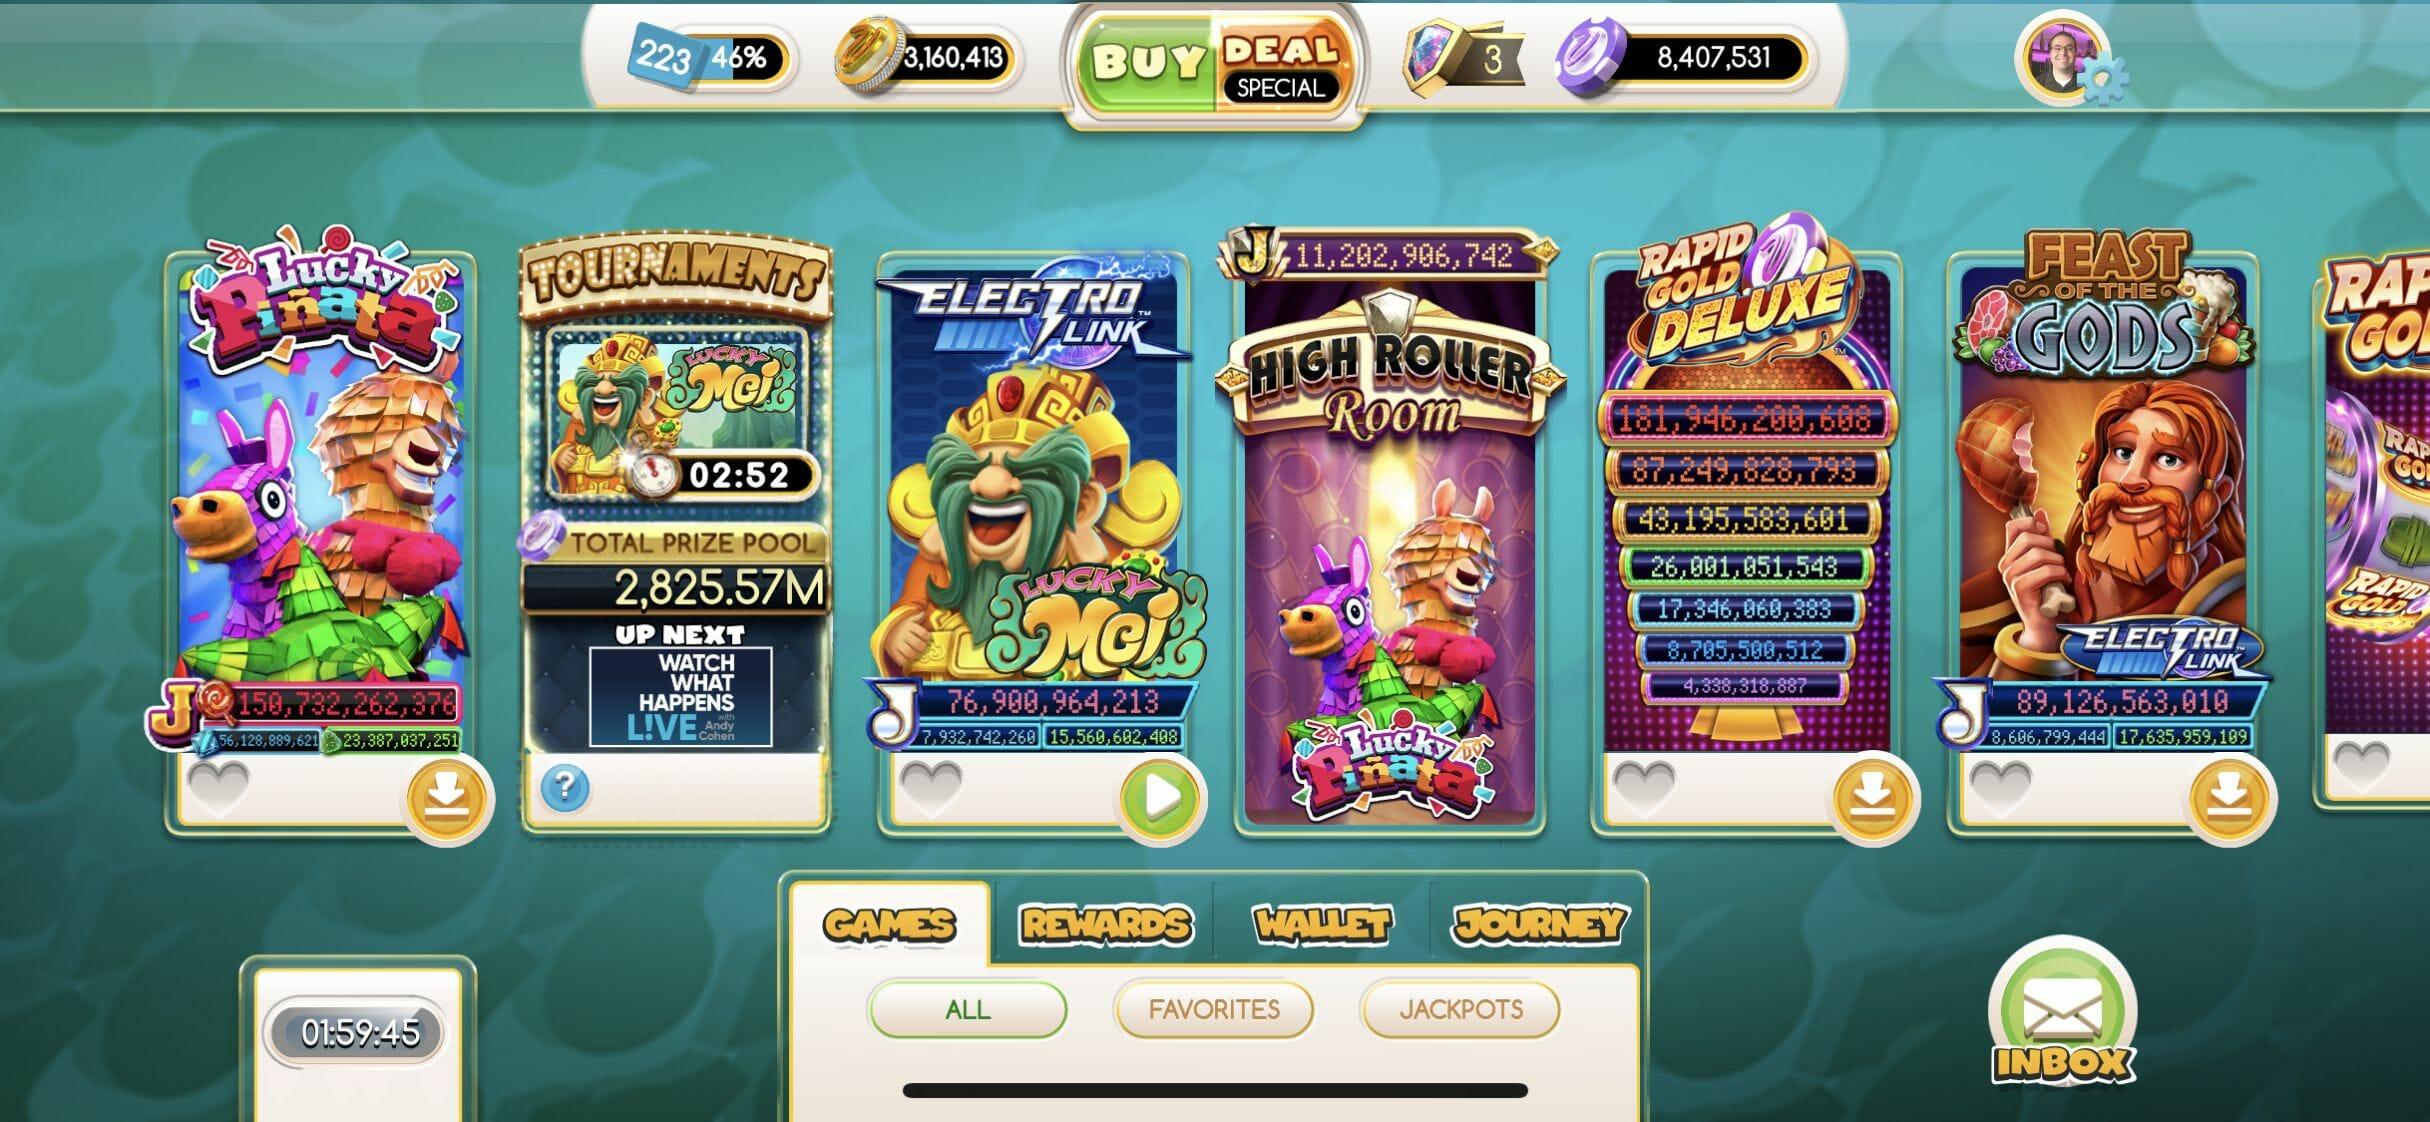 All Slots Brings Vegas Home